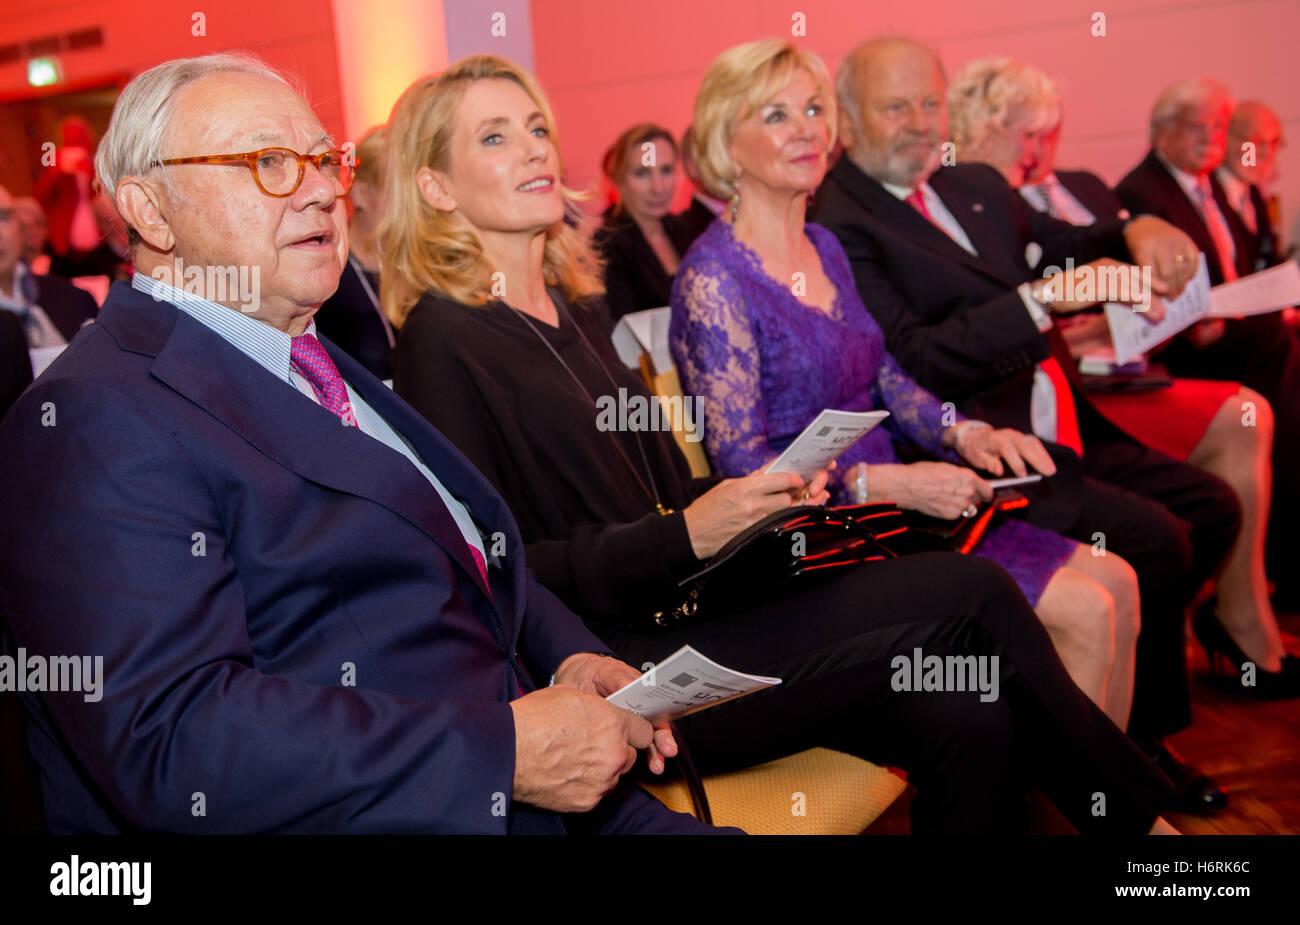 L-r: Verleger Hubert Burda mit seiner Frau, deutsche Schauspielerin ...